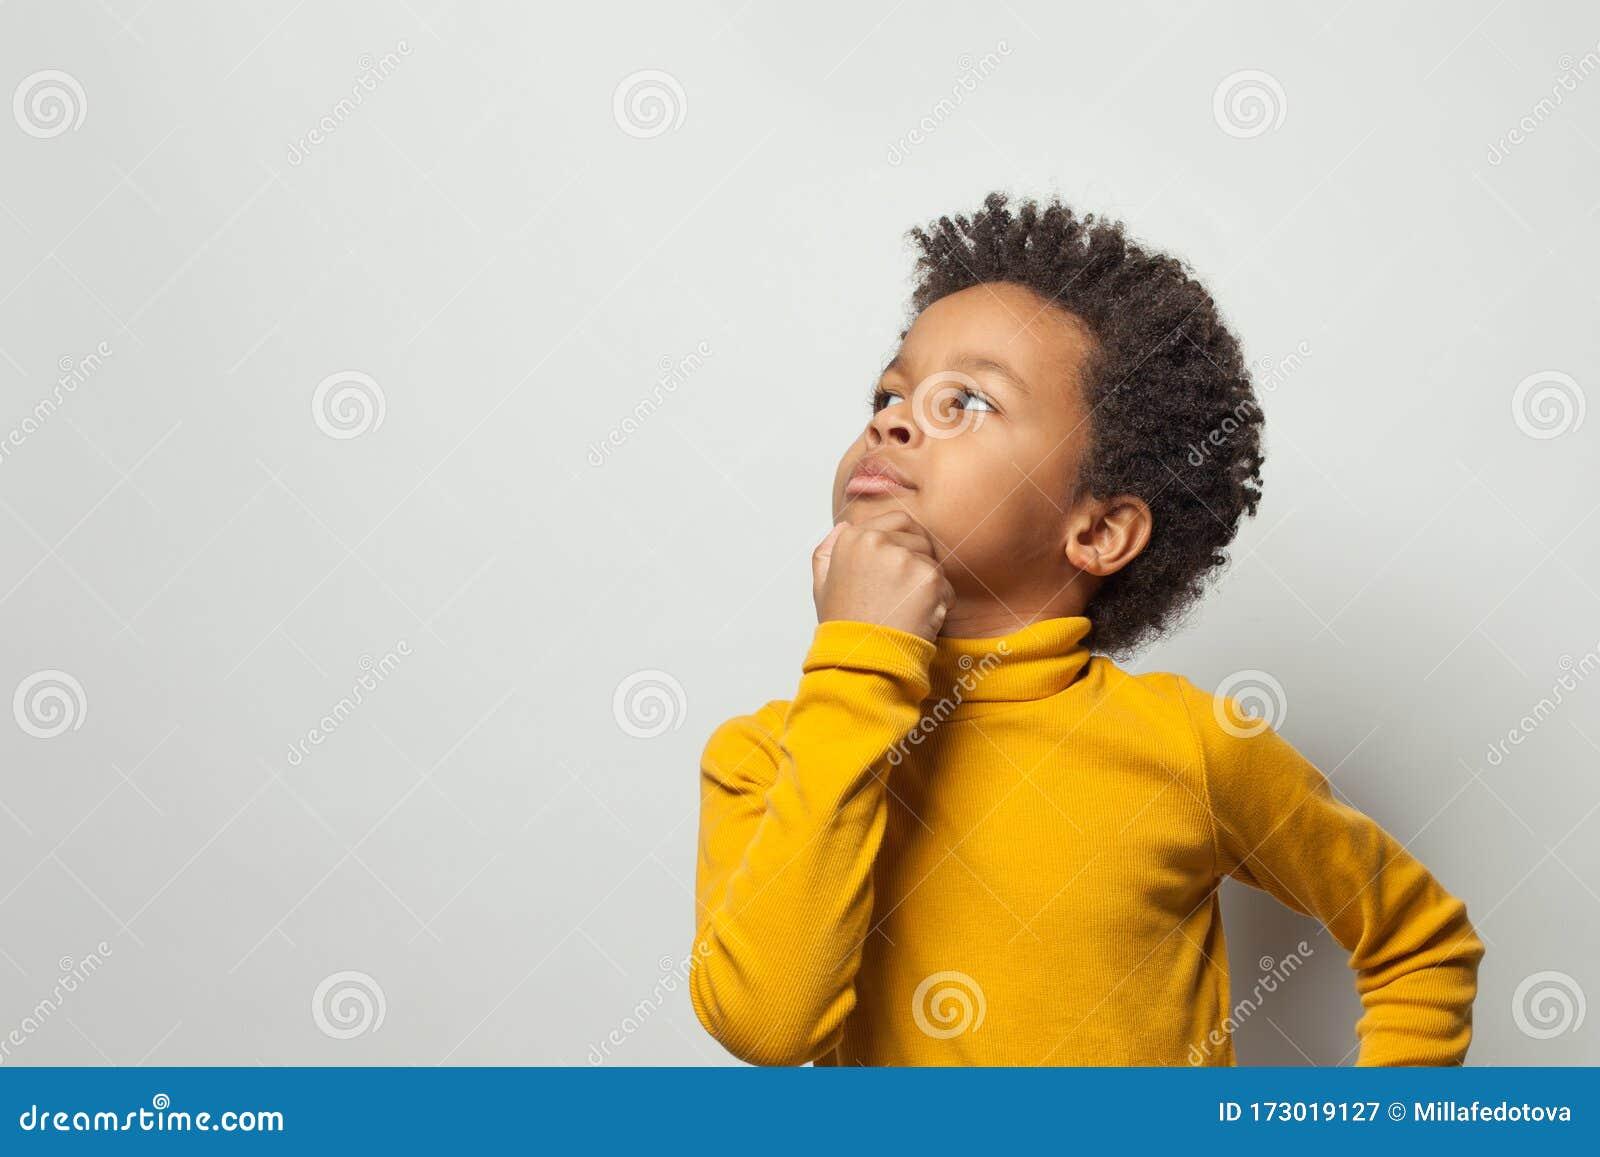 smart schoolboy black kid boy thinking white background 173019127